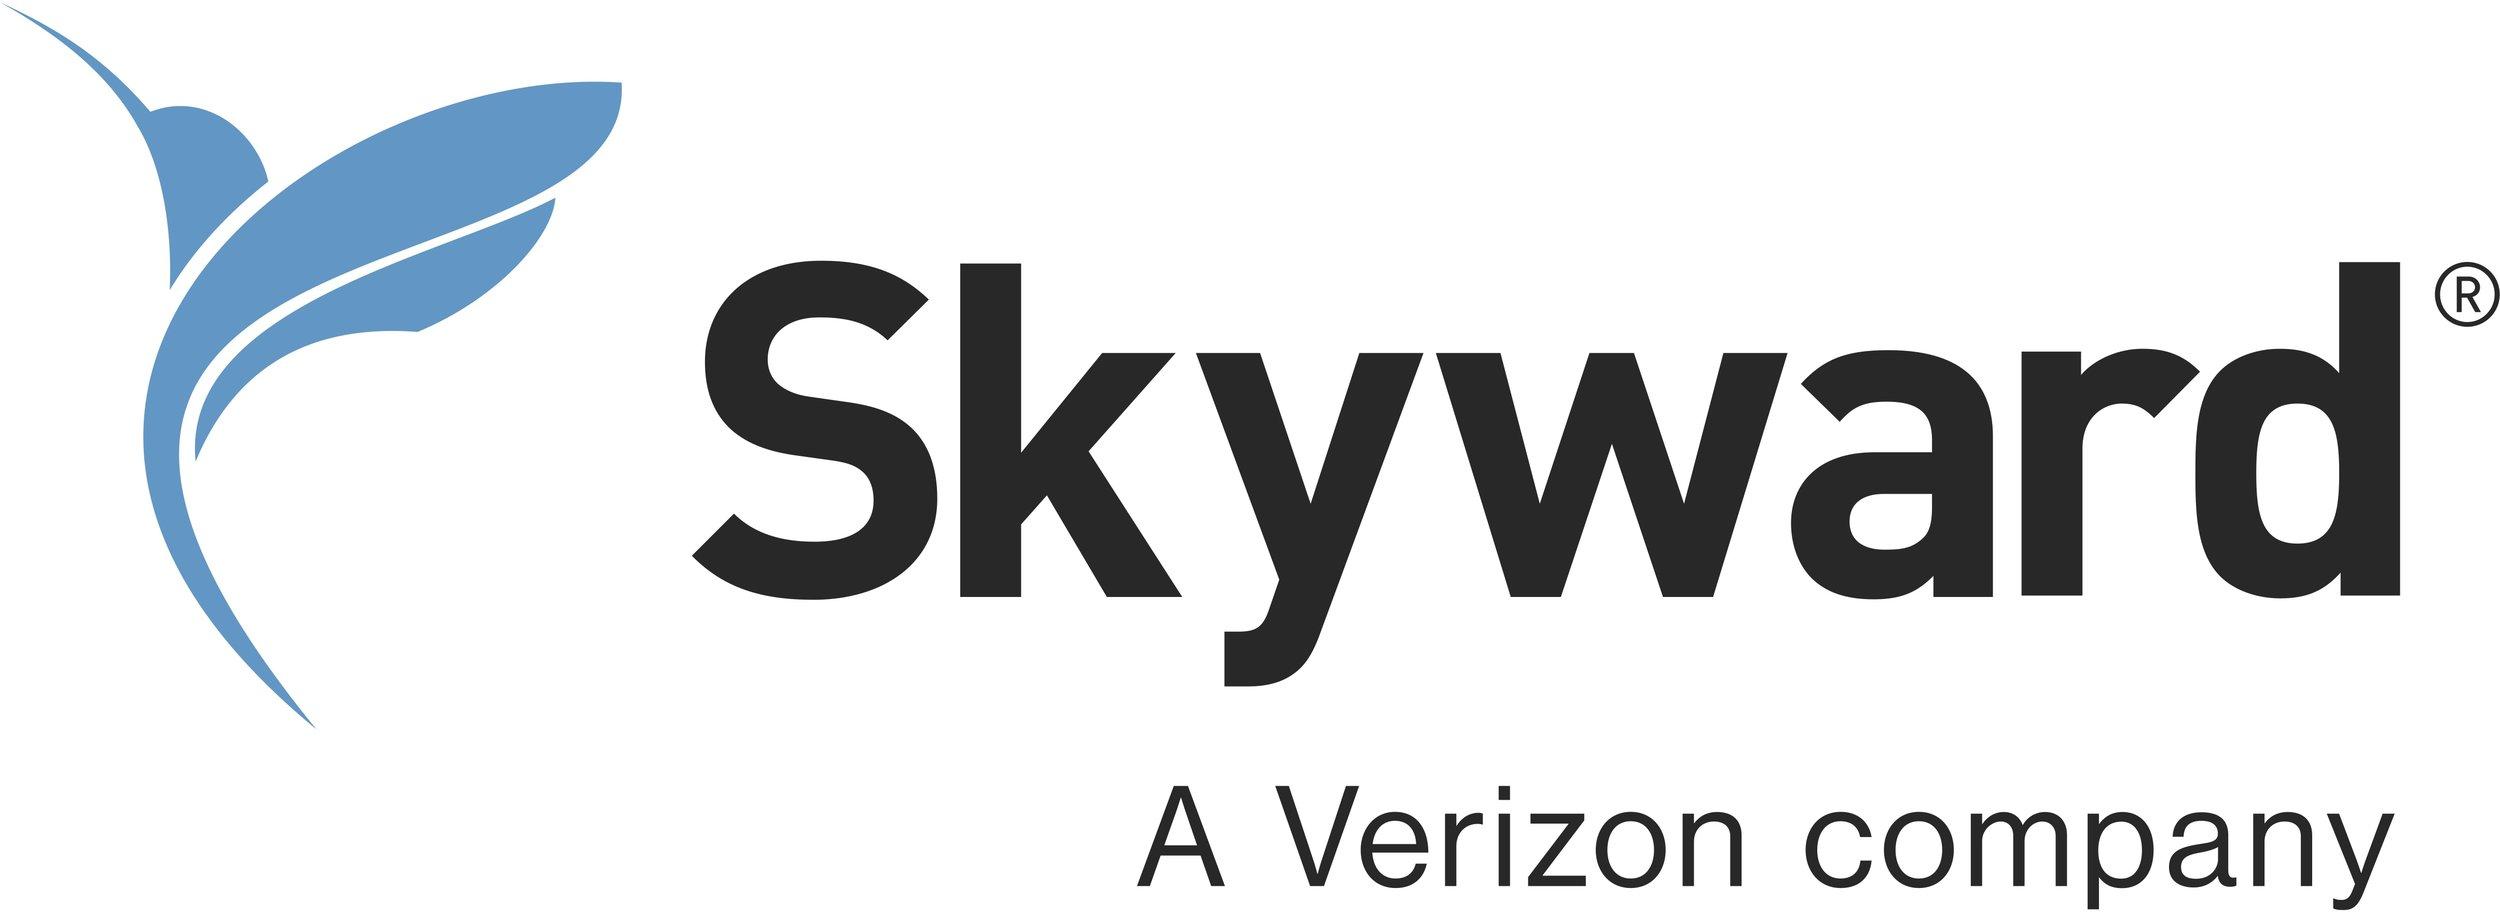 Skyward-Verizon-Logo-BlueBlack.jpg